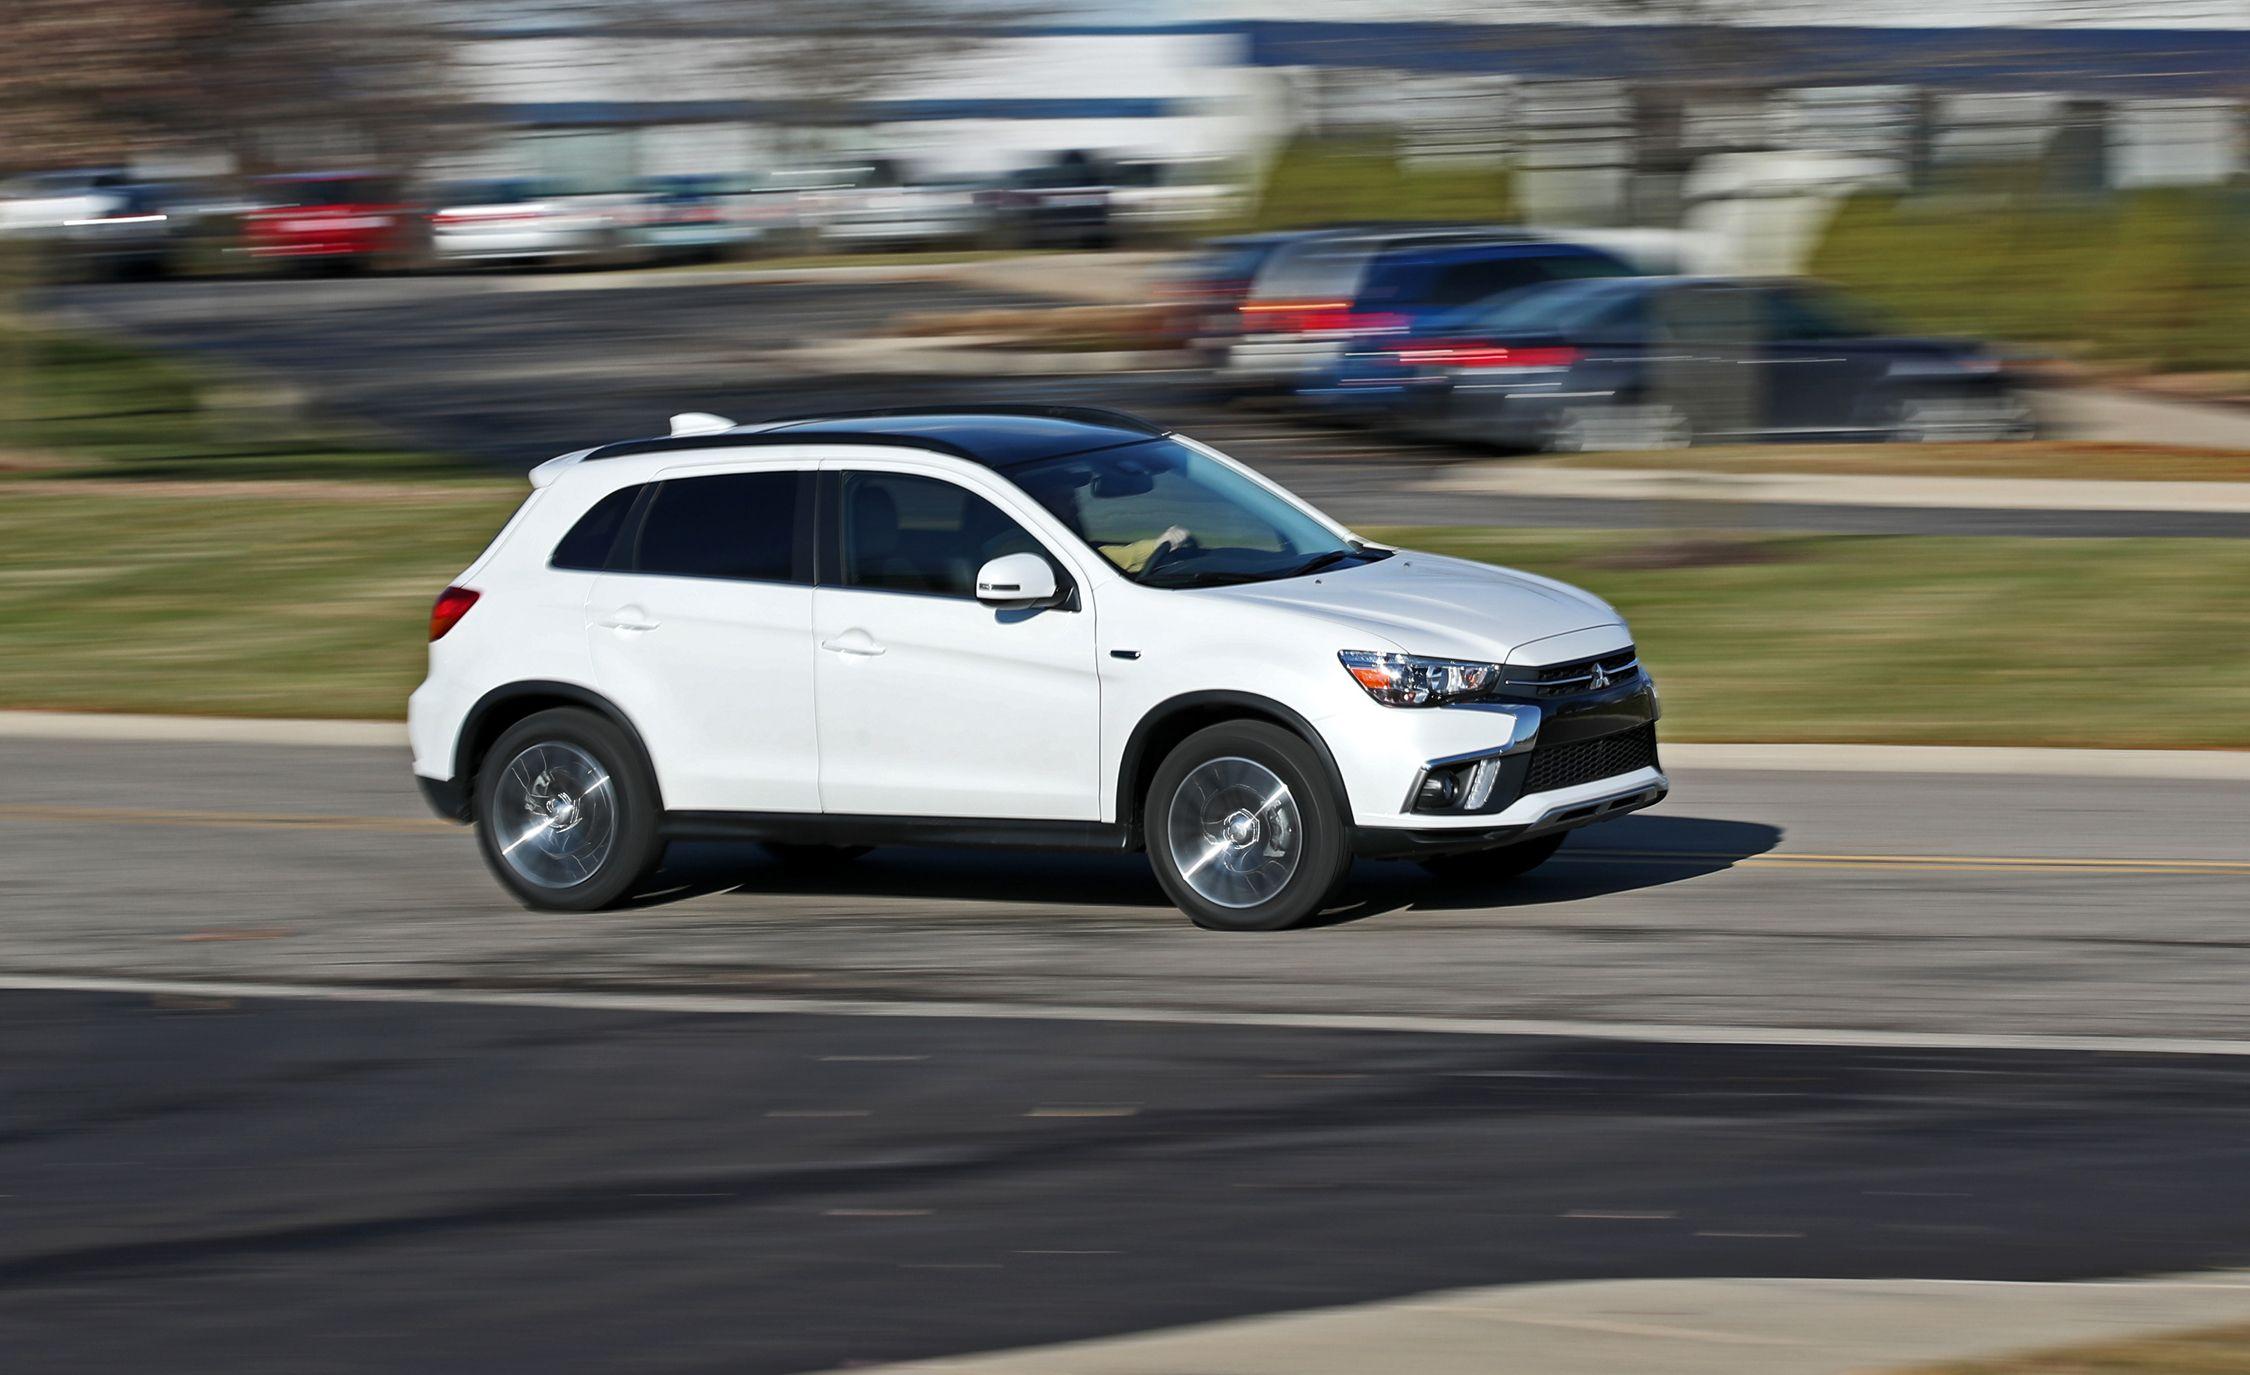 Mitsubishi all wheel drive